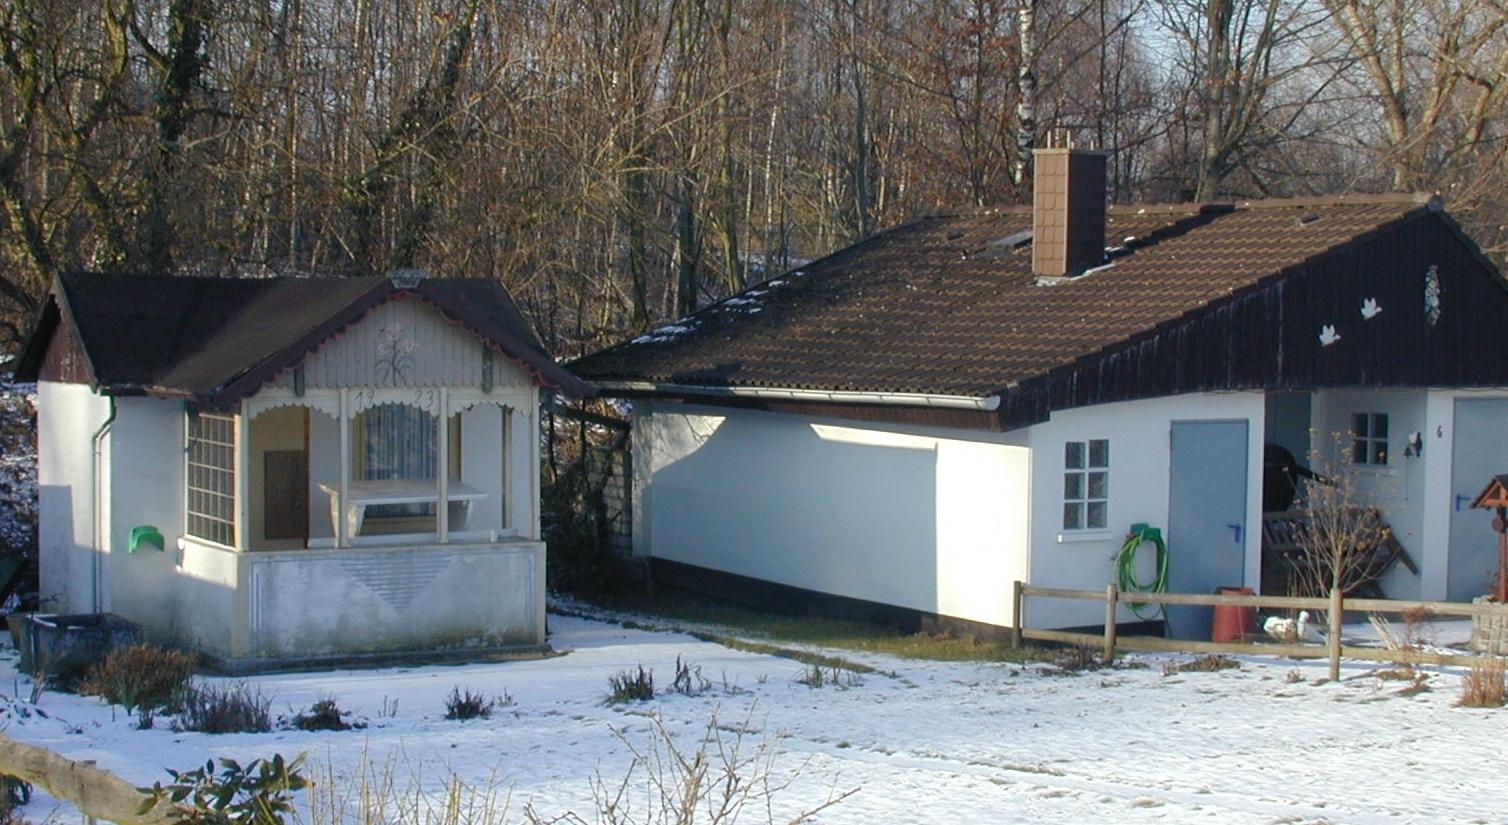 Gartenhaus - Gartenhaus bochum ...